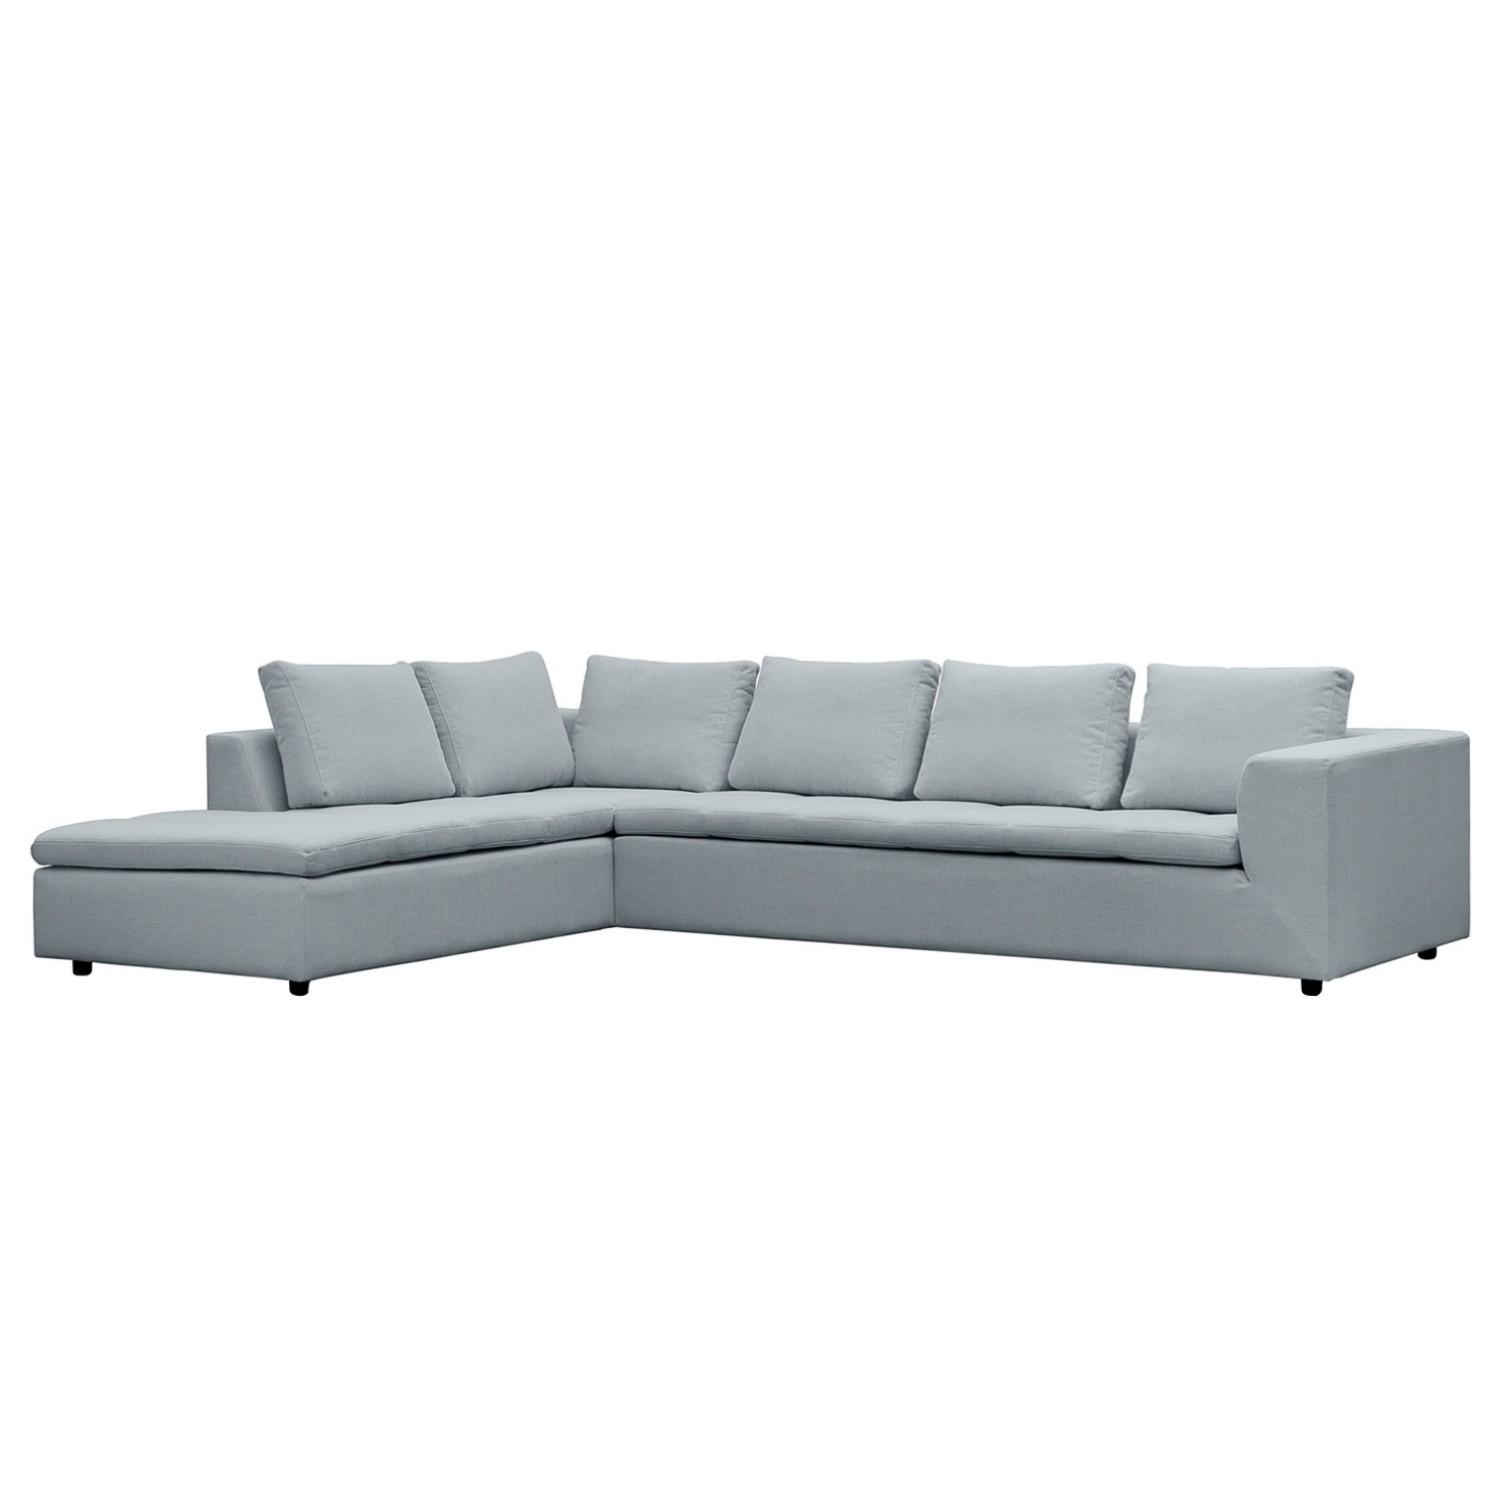 ecksofa stoff inspirierendes design f r wohnm bel. Black Bedroom Furniture Sets. Home Design Ideas